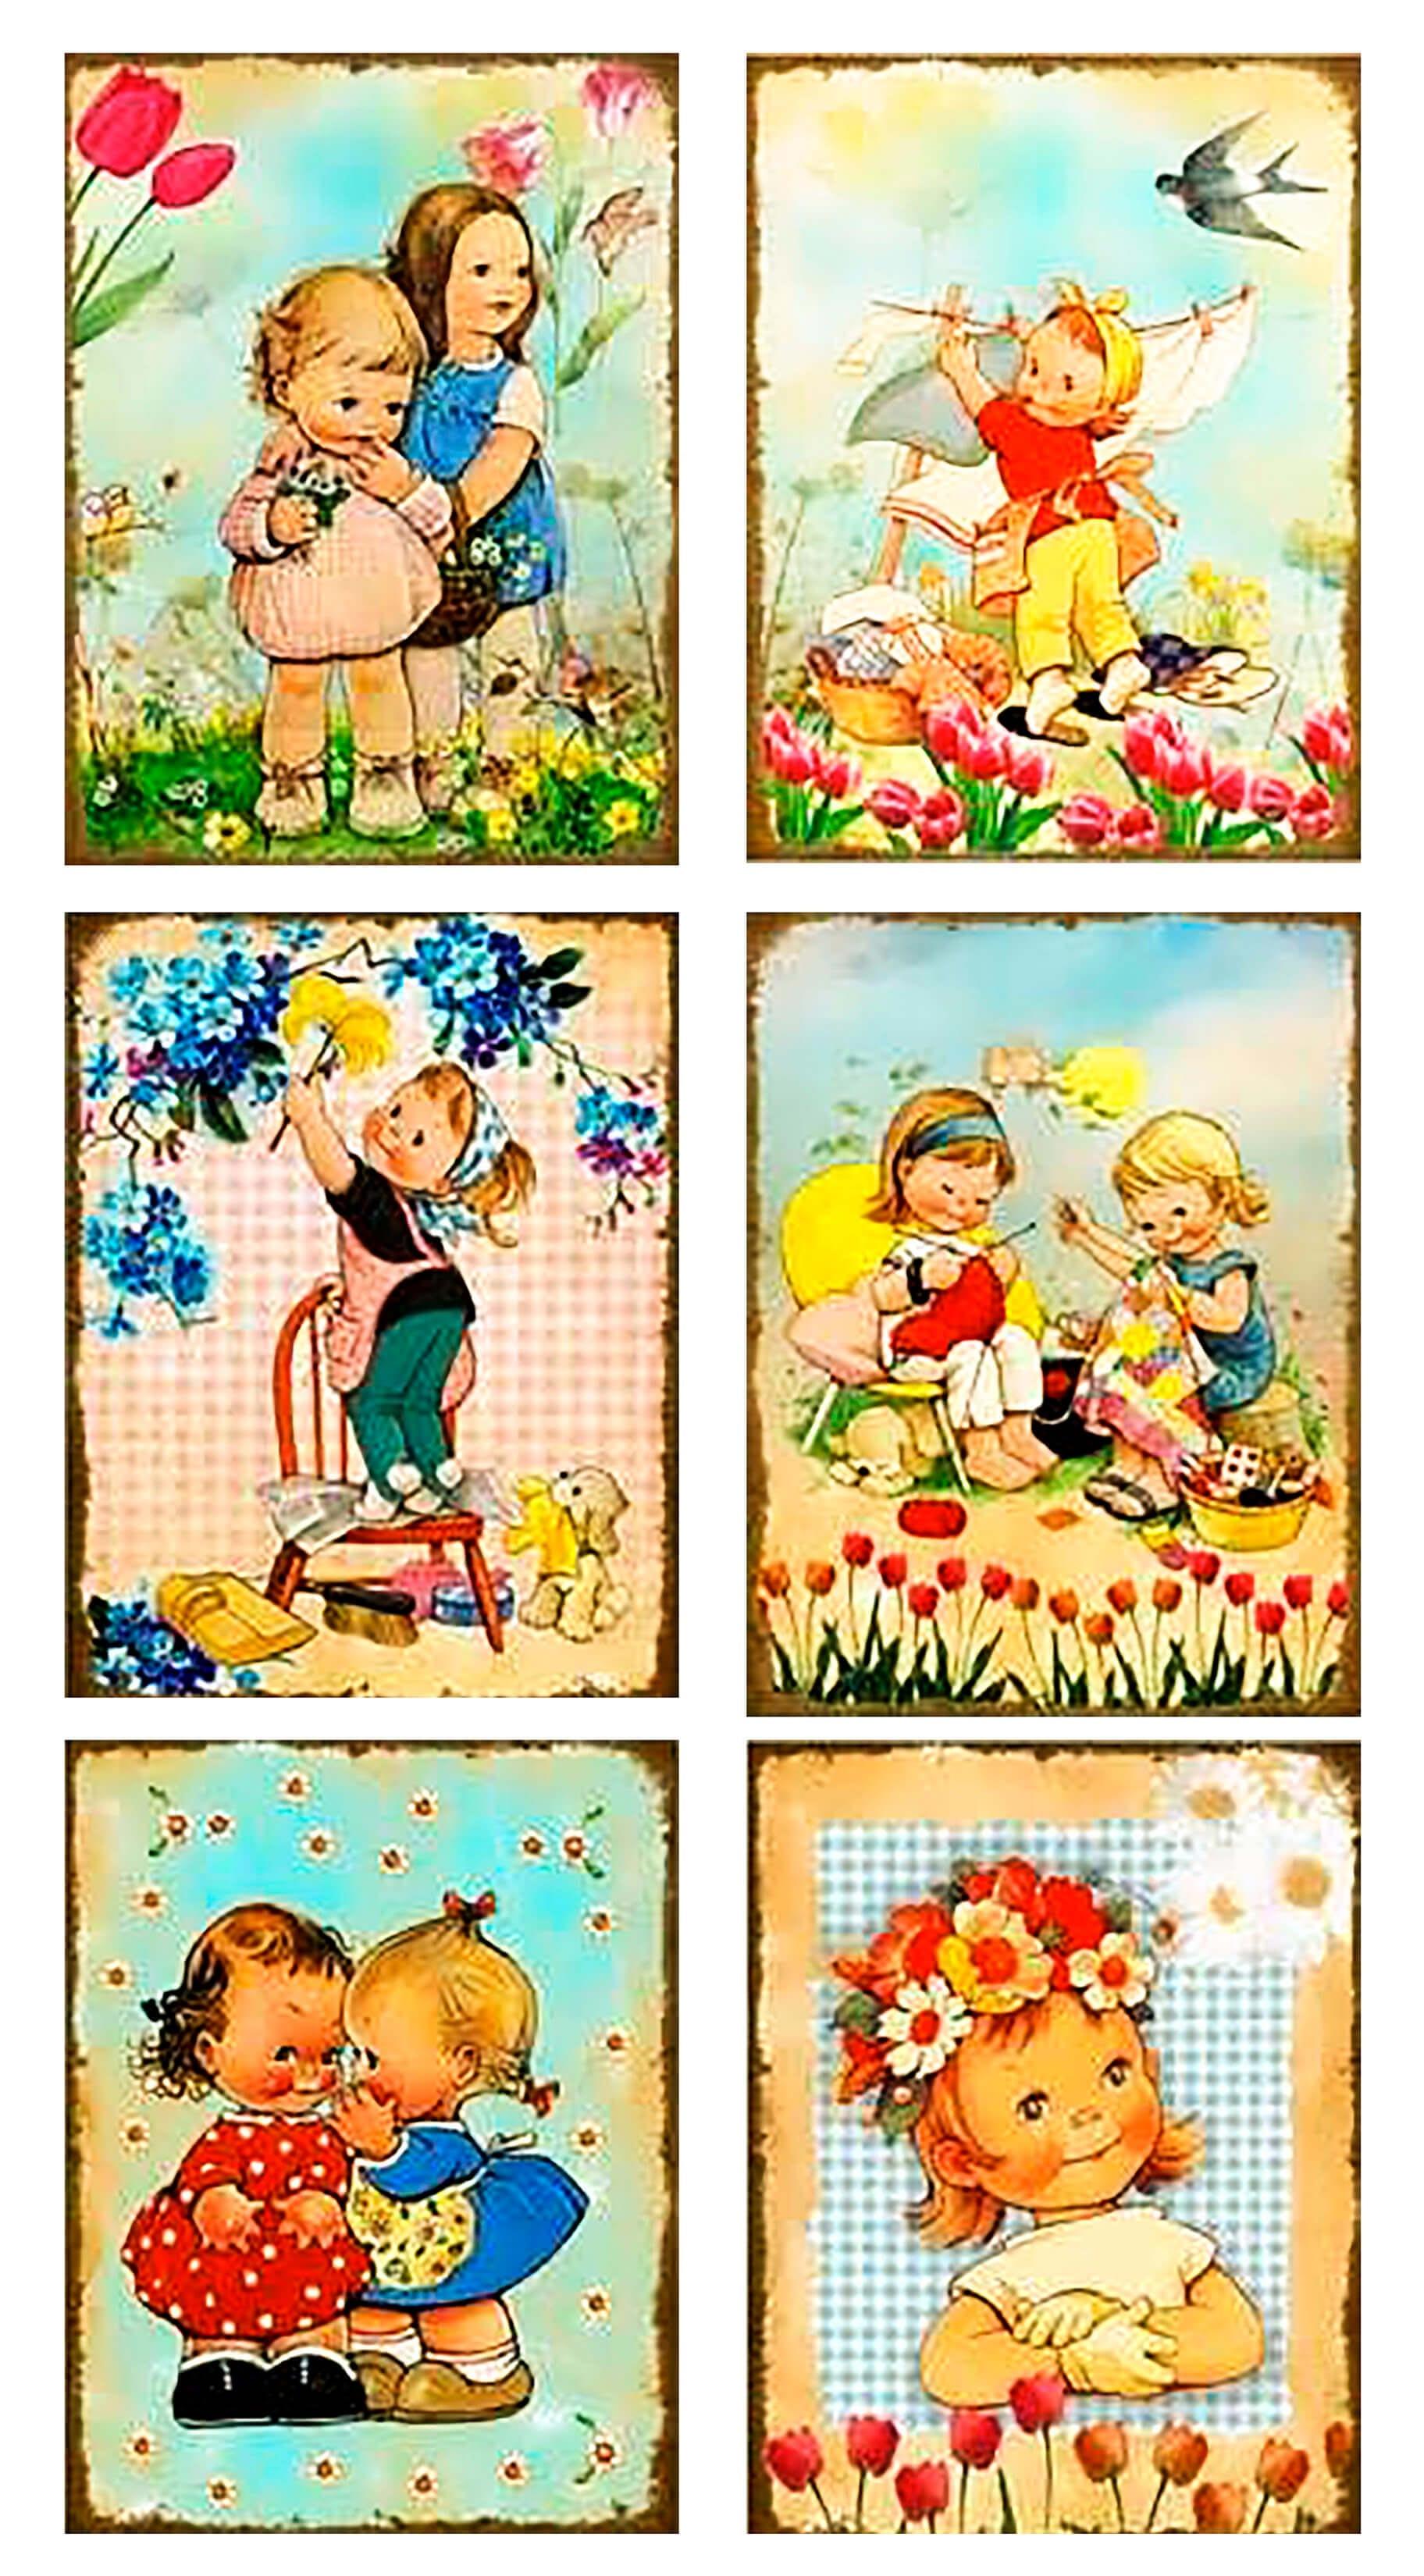 Иллюстрации для детей весна